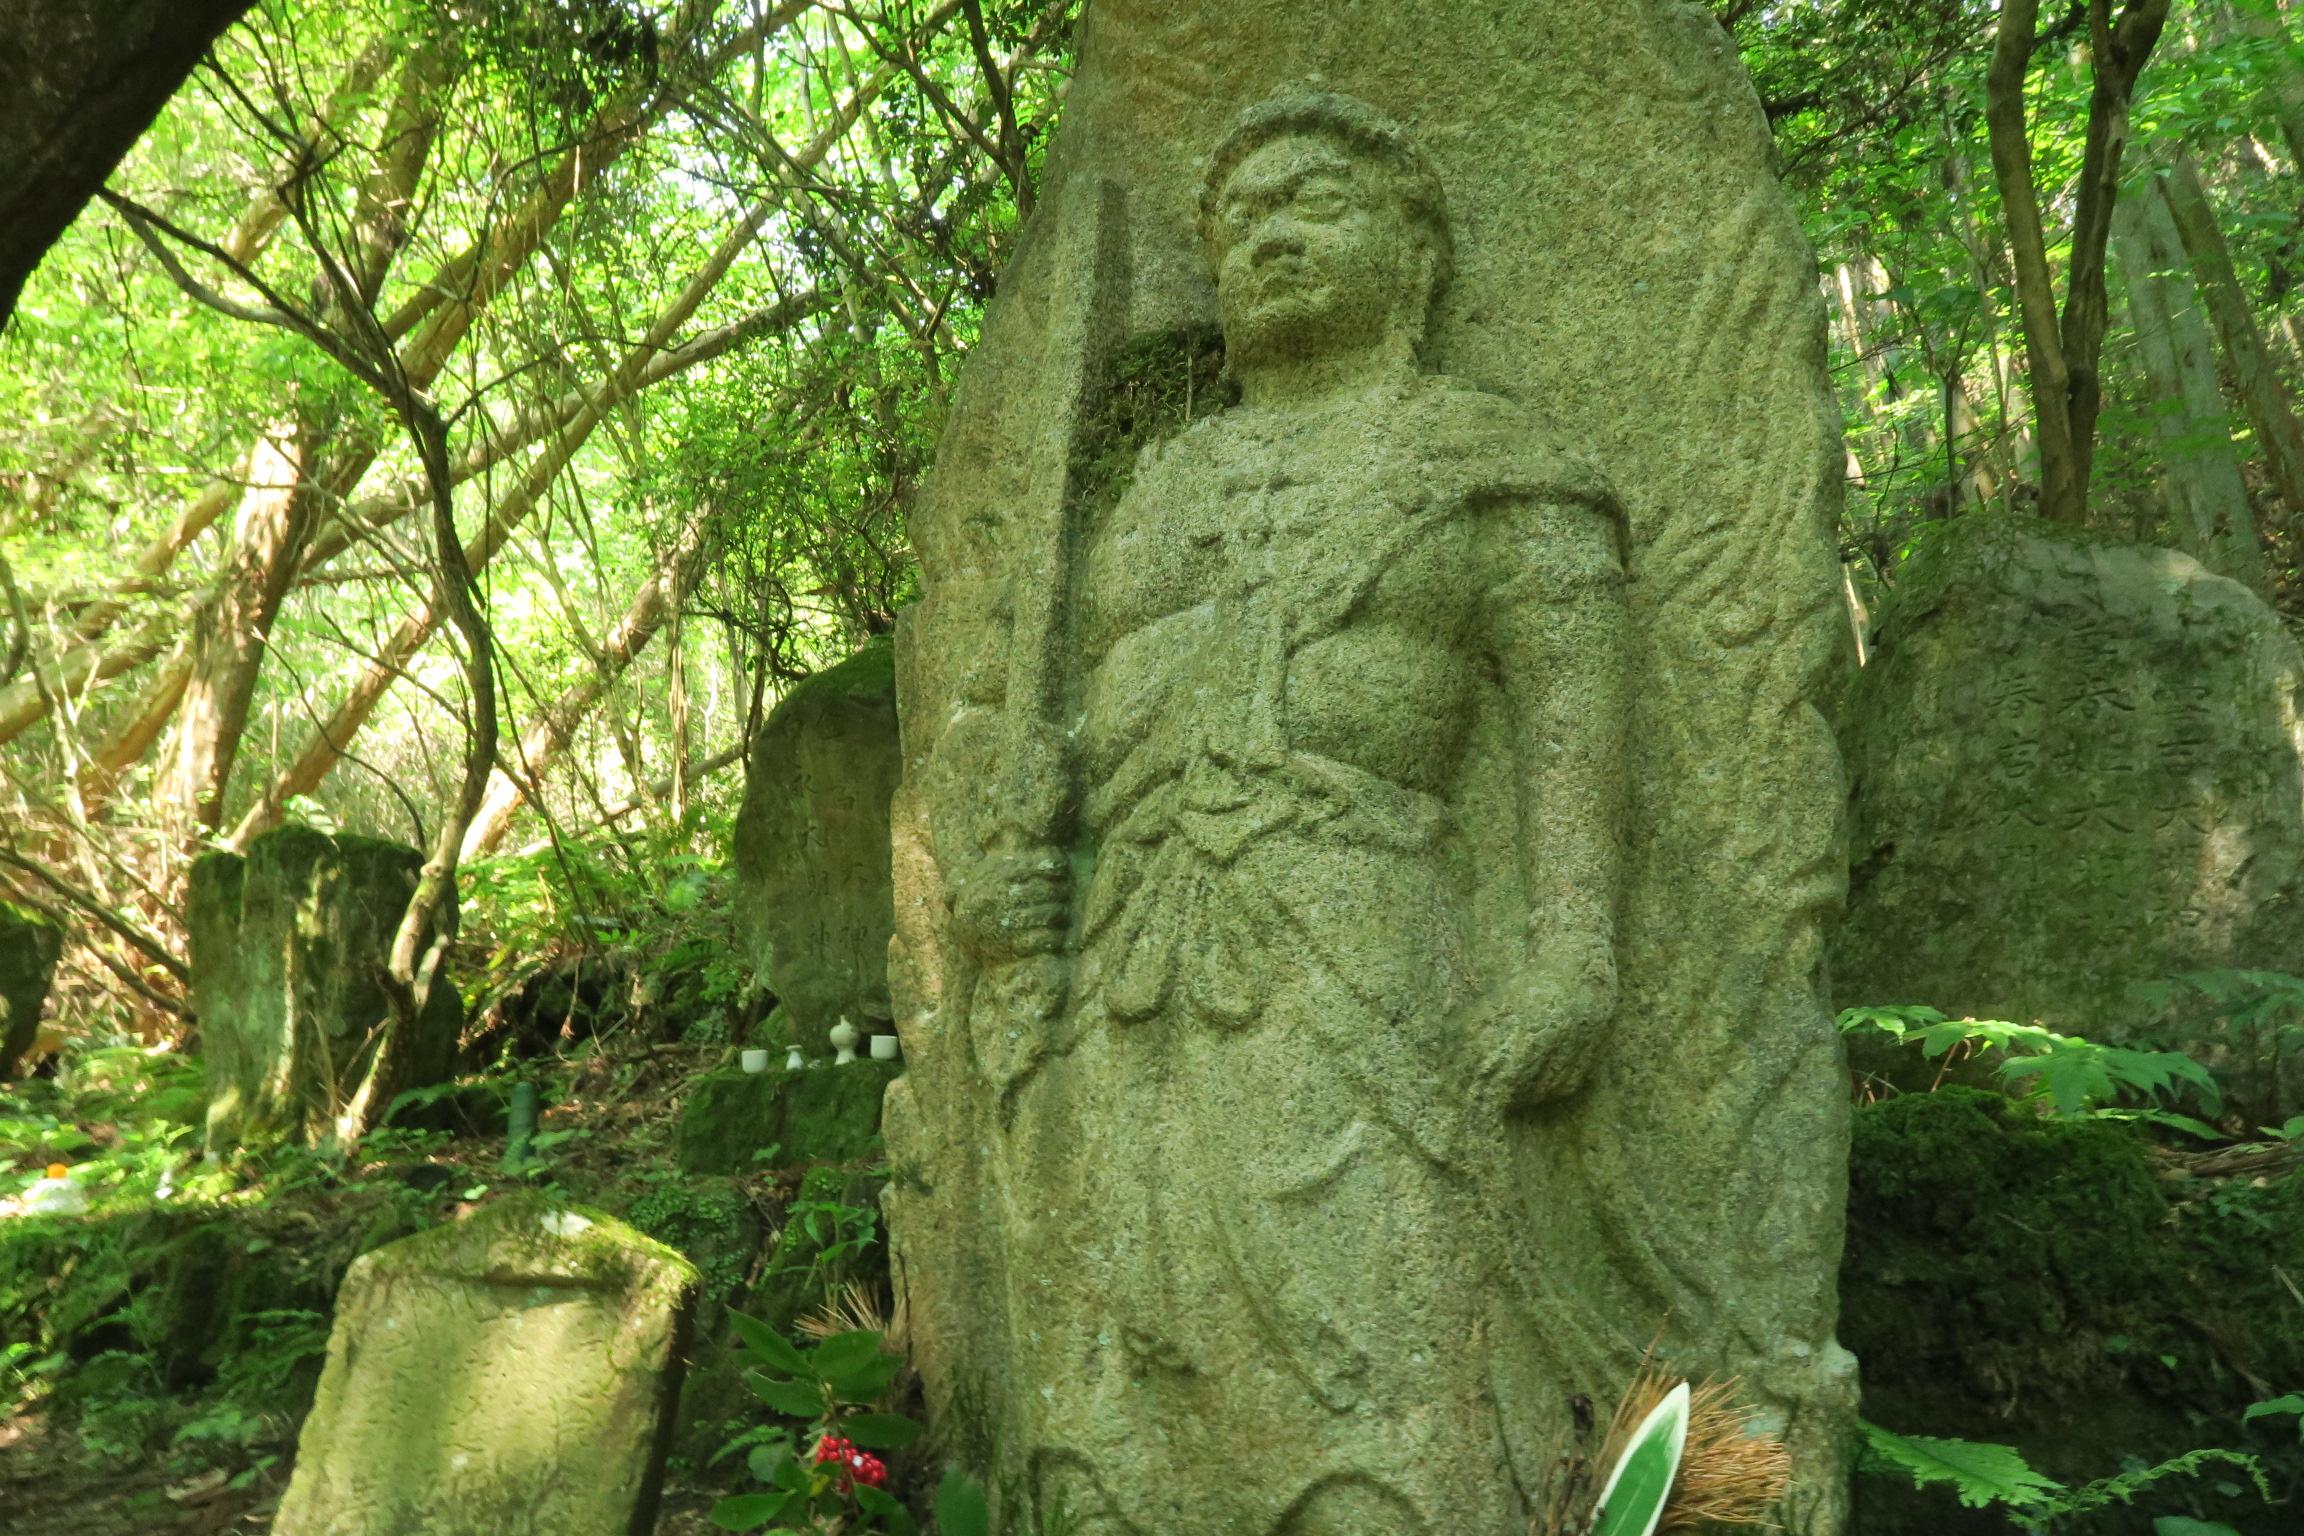 奥之院の立派な不動明王。火炎光背を負う厚肉彫りで、高さは205cmあるそうです。